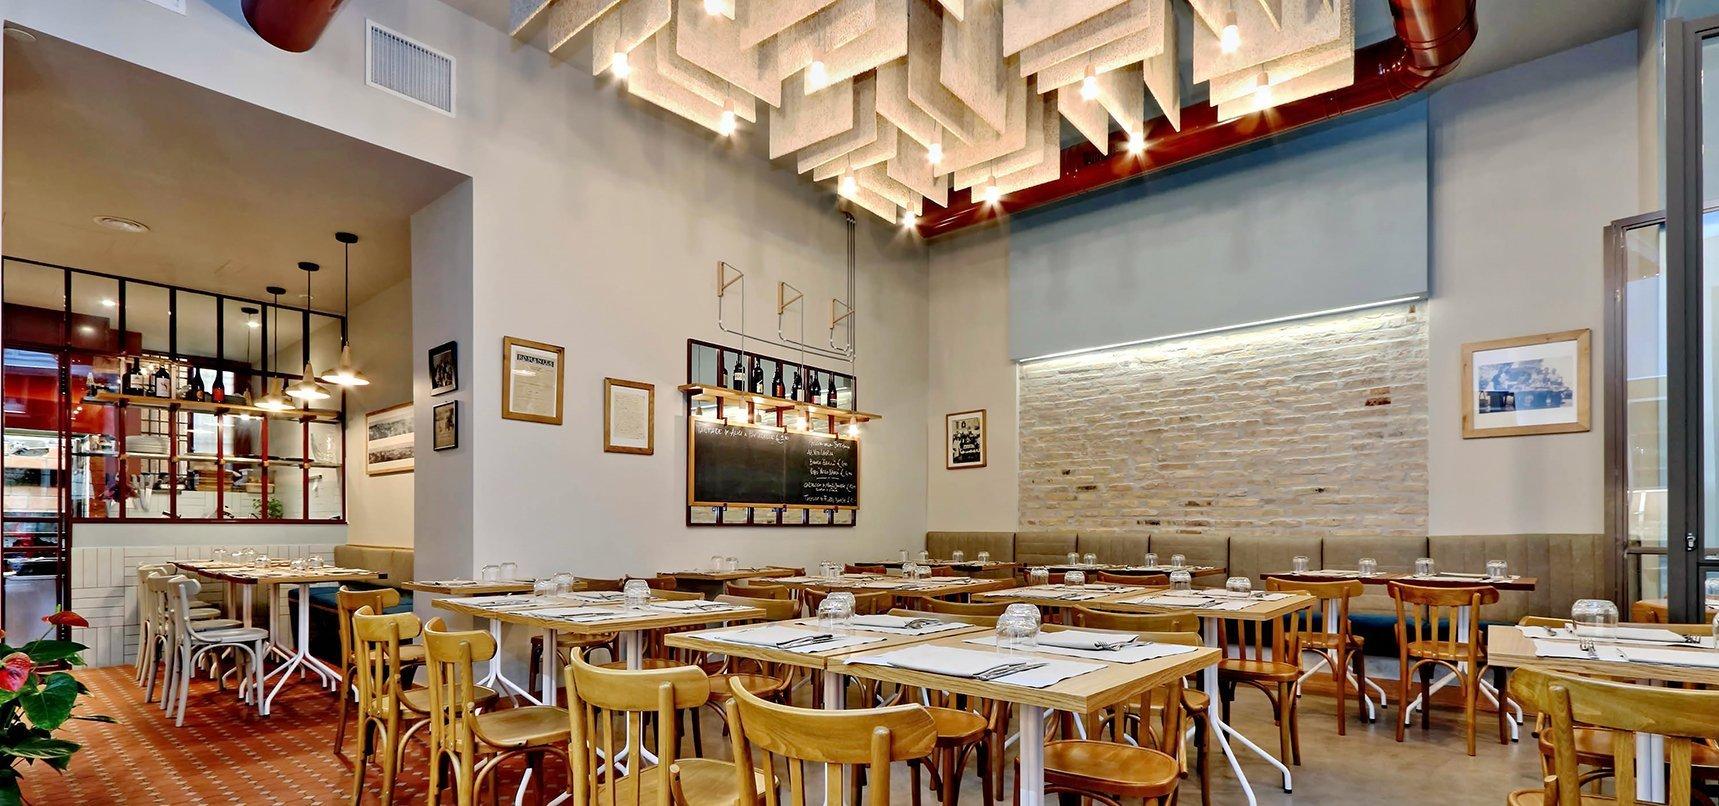 arredamento ristoranti Roma Milano Firenze Napoli Palermo Venezia Torino Bologna Genova Bari